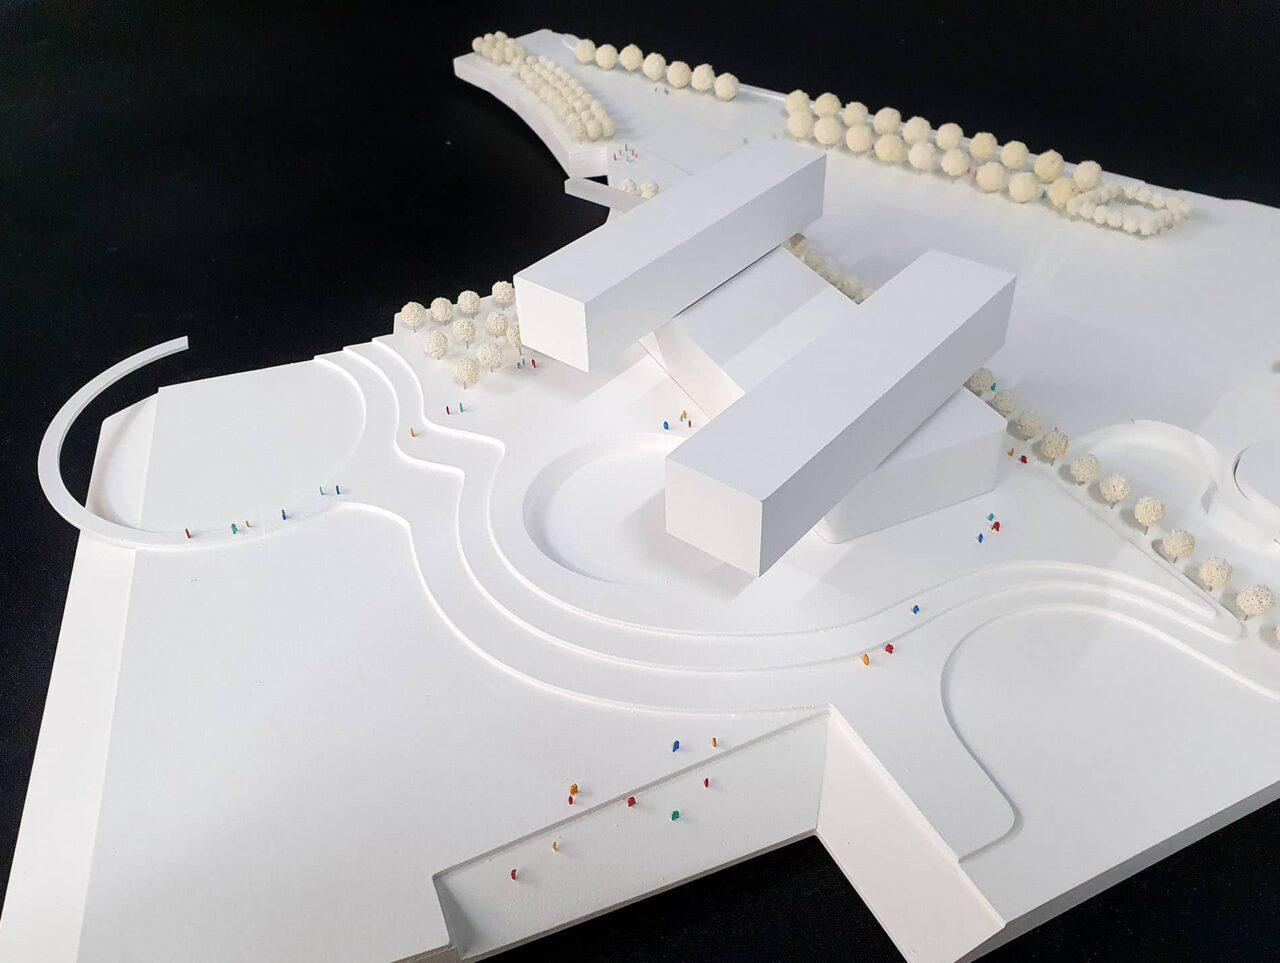 Düsseldorf Erweiterung Landtag am Rheinturm Modell 3